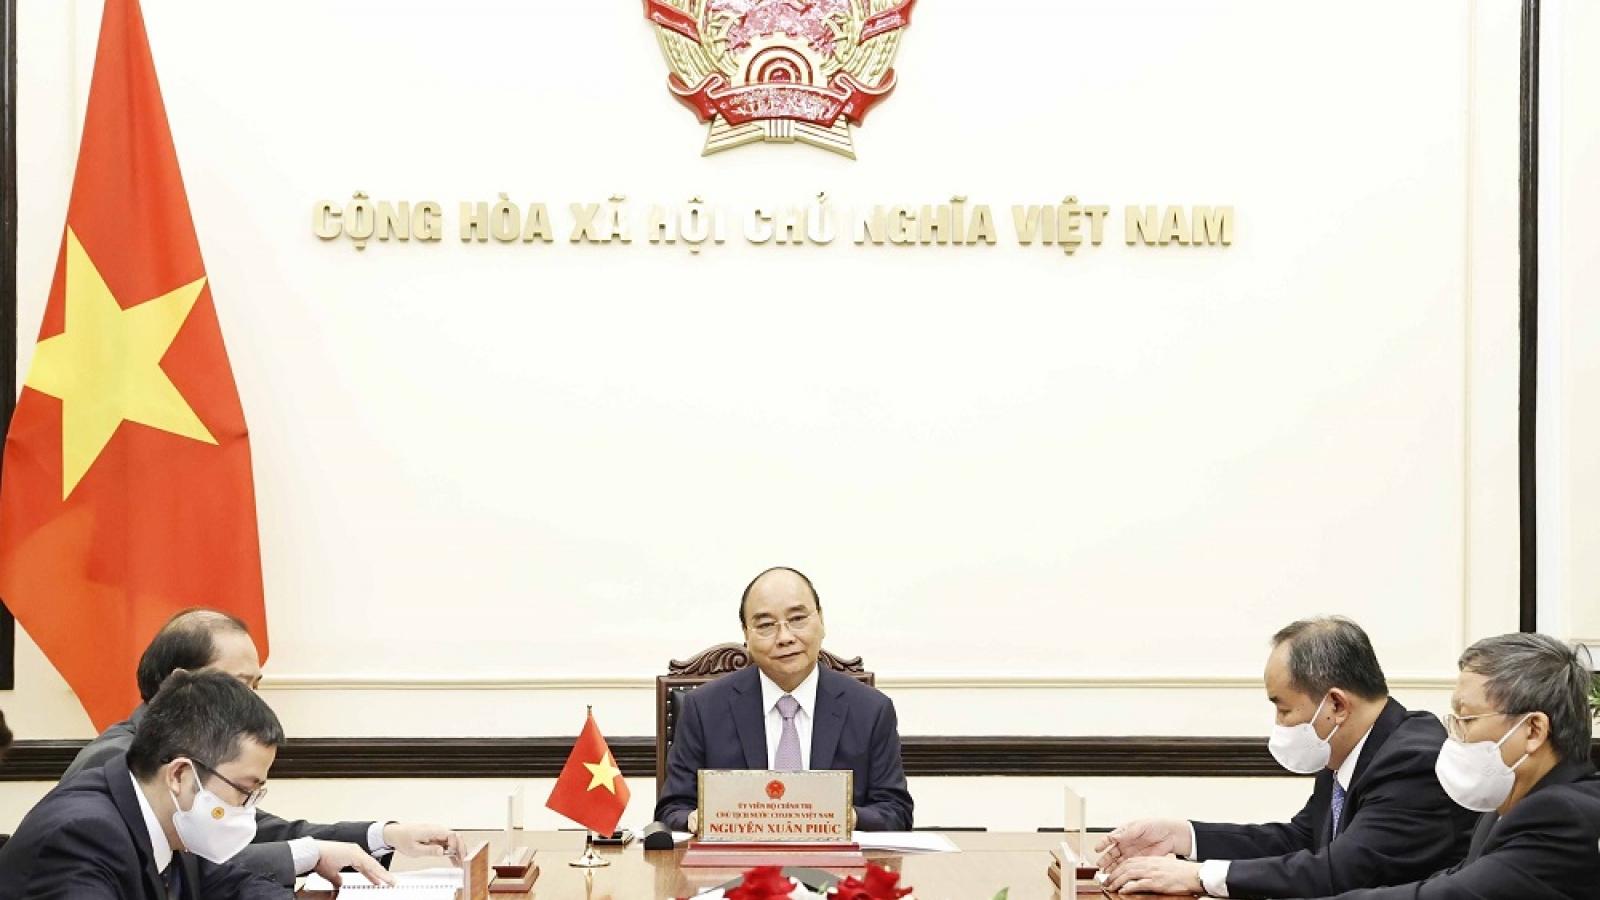 Chủ tịch nước Nguyễn Xuân Phúc điện đàm với Thủ tướng Nhật Bản